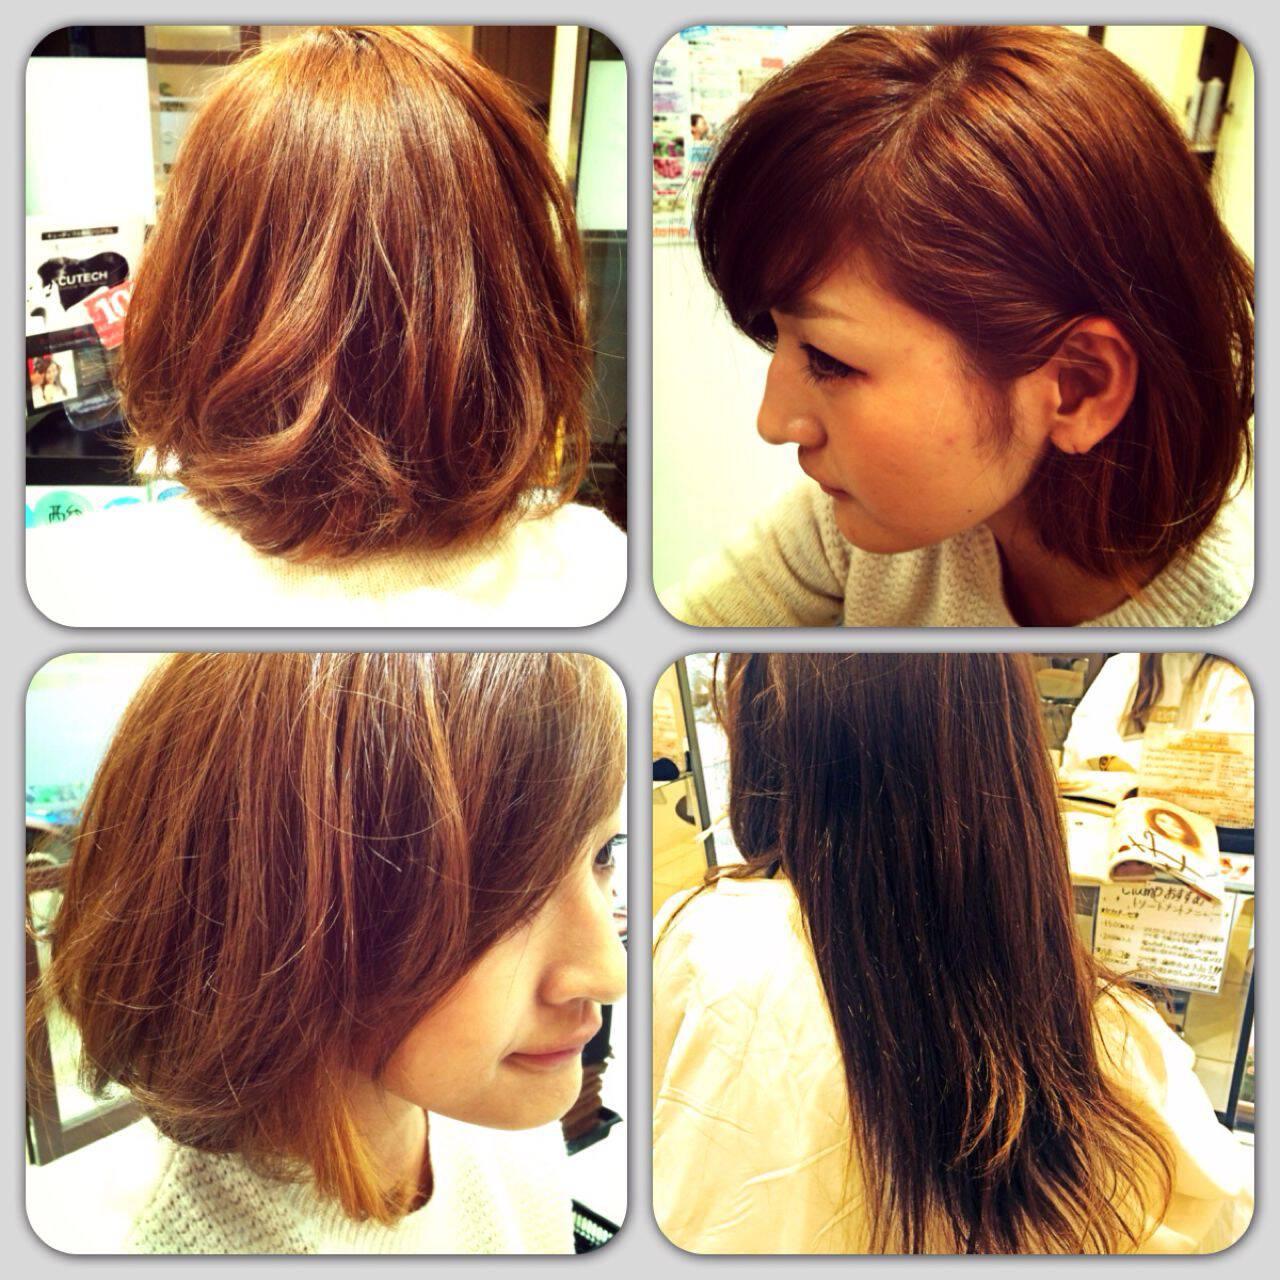 モテ髪 ゆるふわ ボブ 耳かけヘアスタイルや髪型の写真・画像